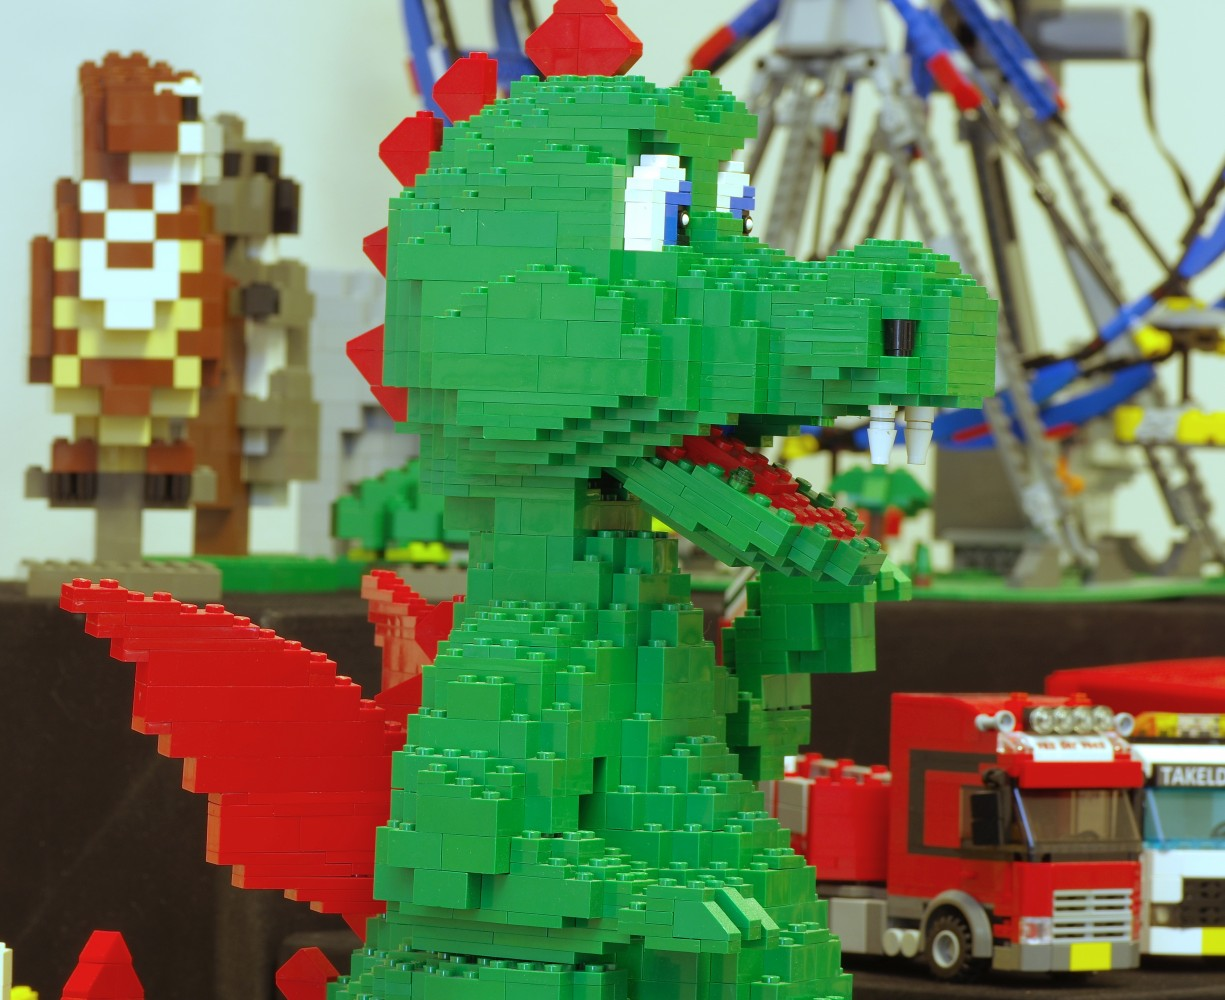 mooiste lego bouwwerken